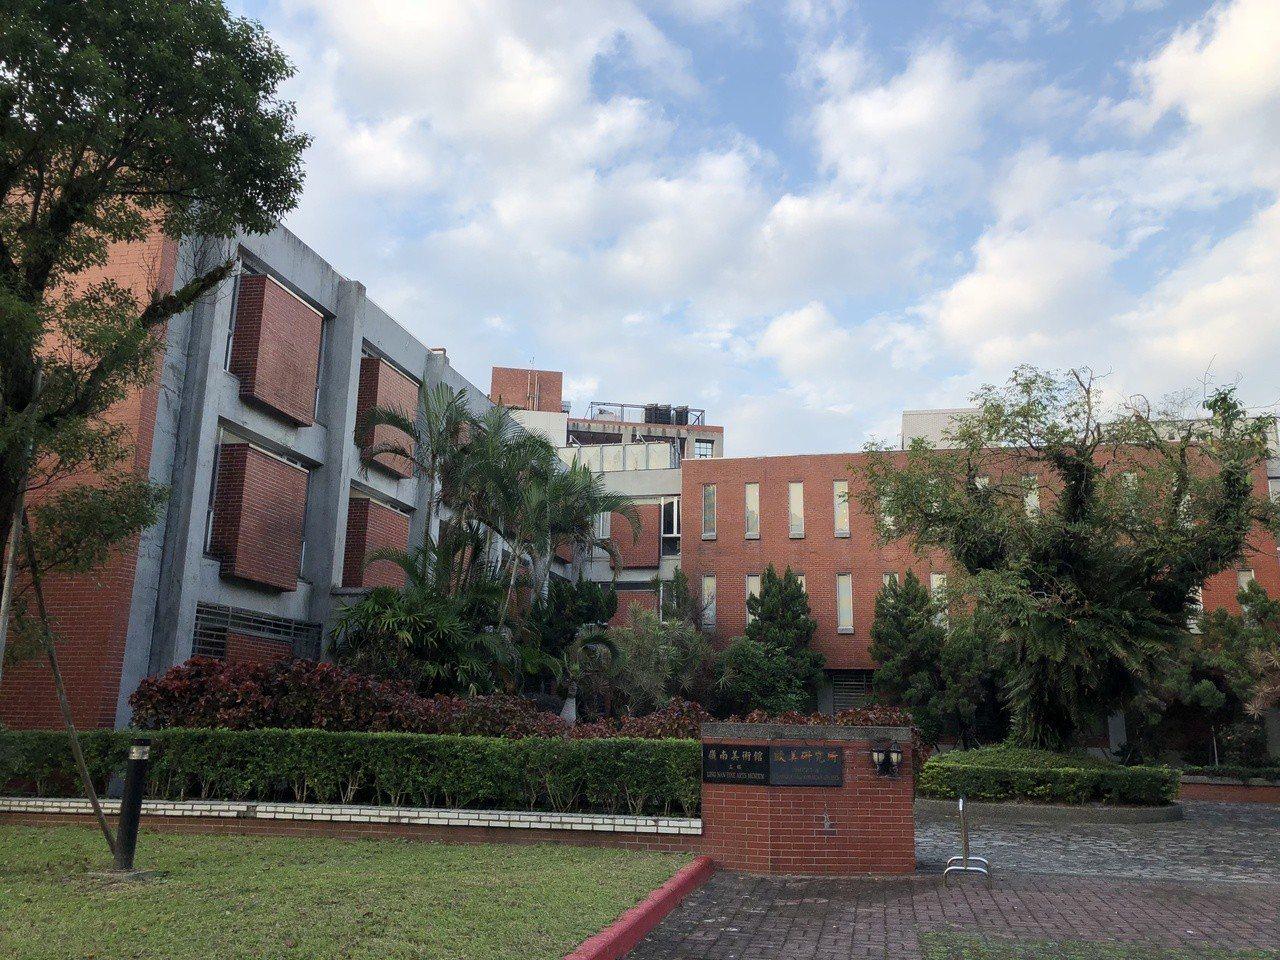 嶺南美術館及歐美研究所,整體呈三合院狀。記者何定照/攝影